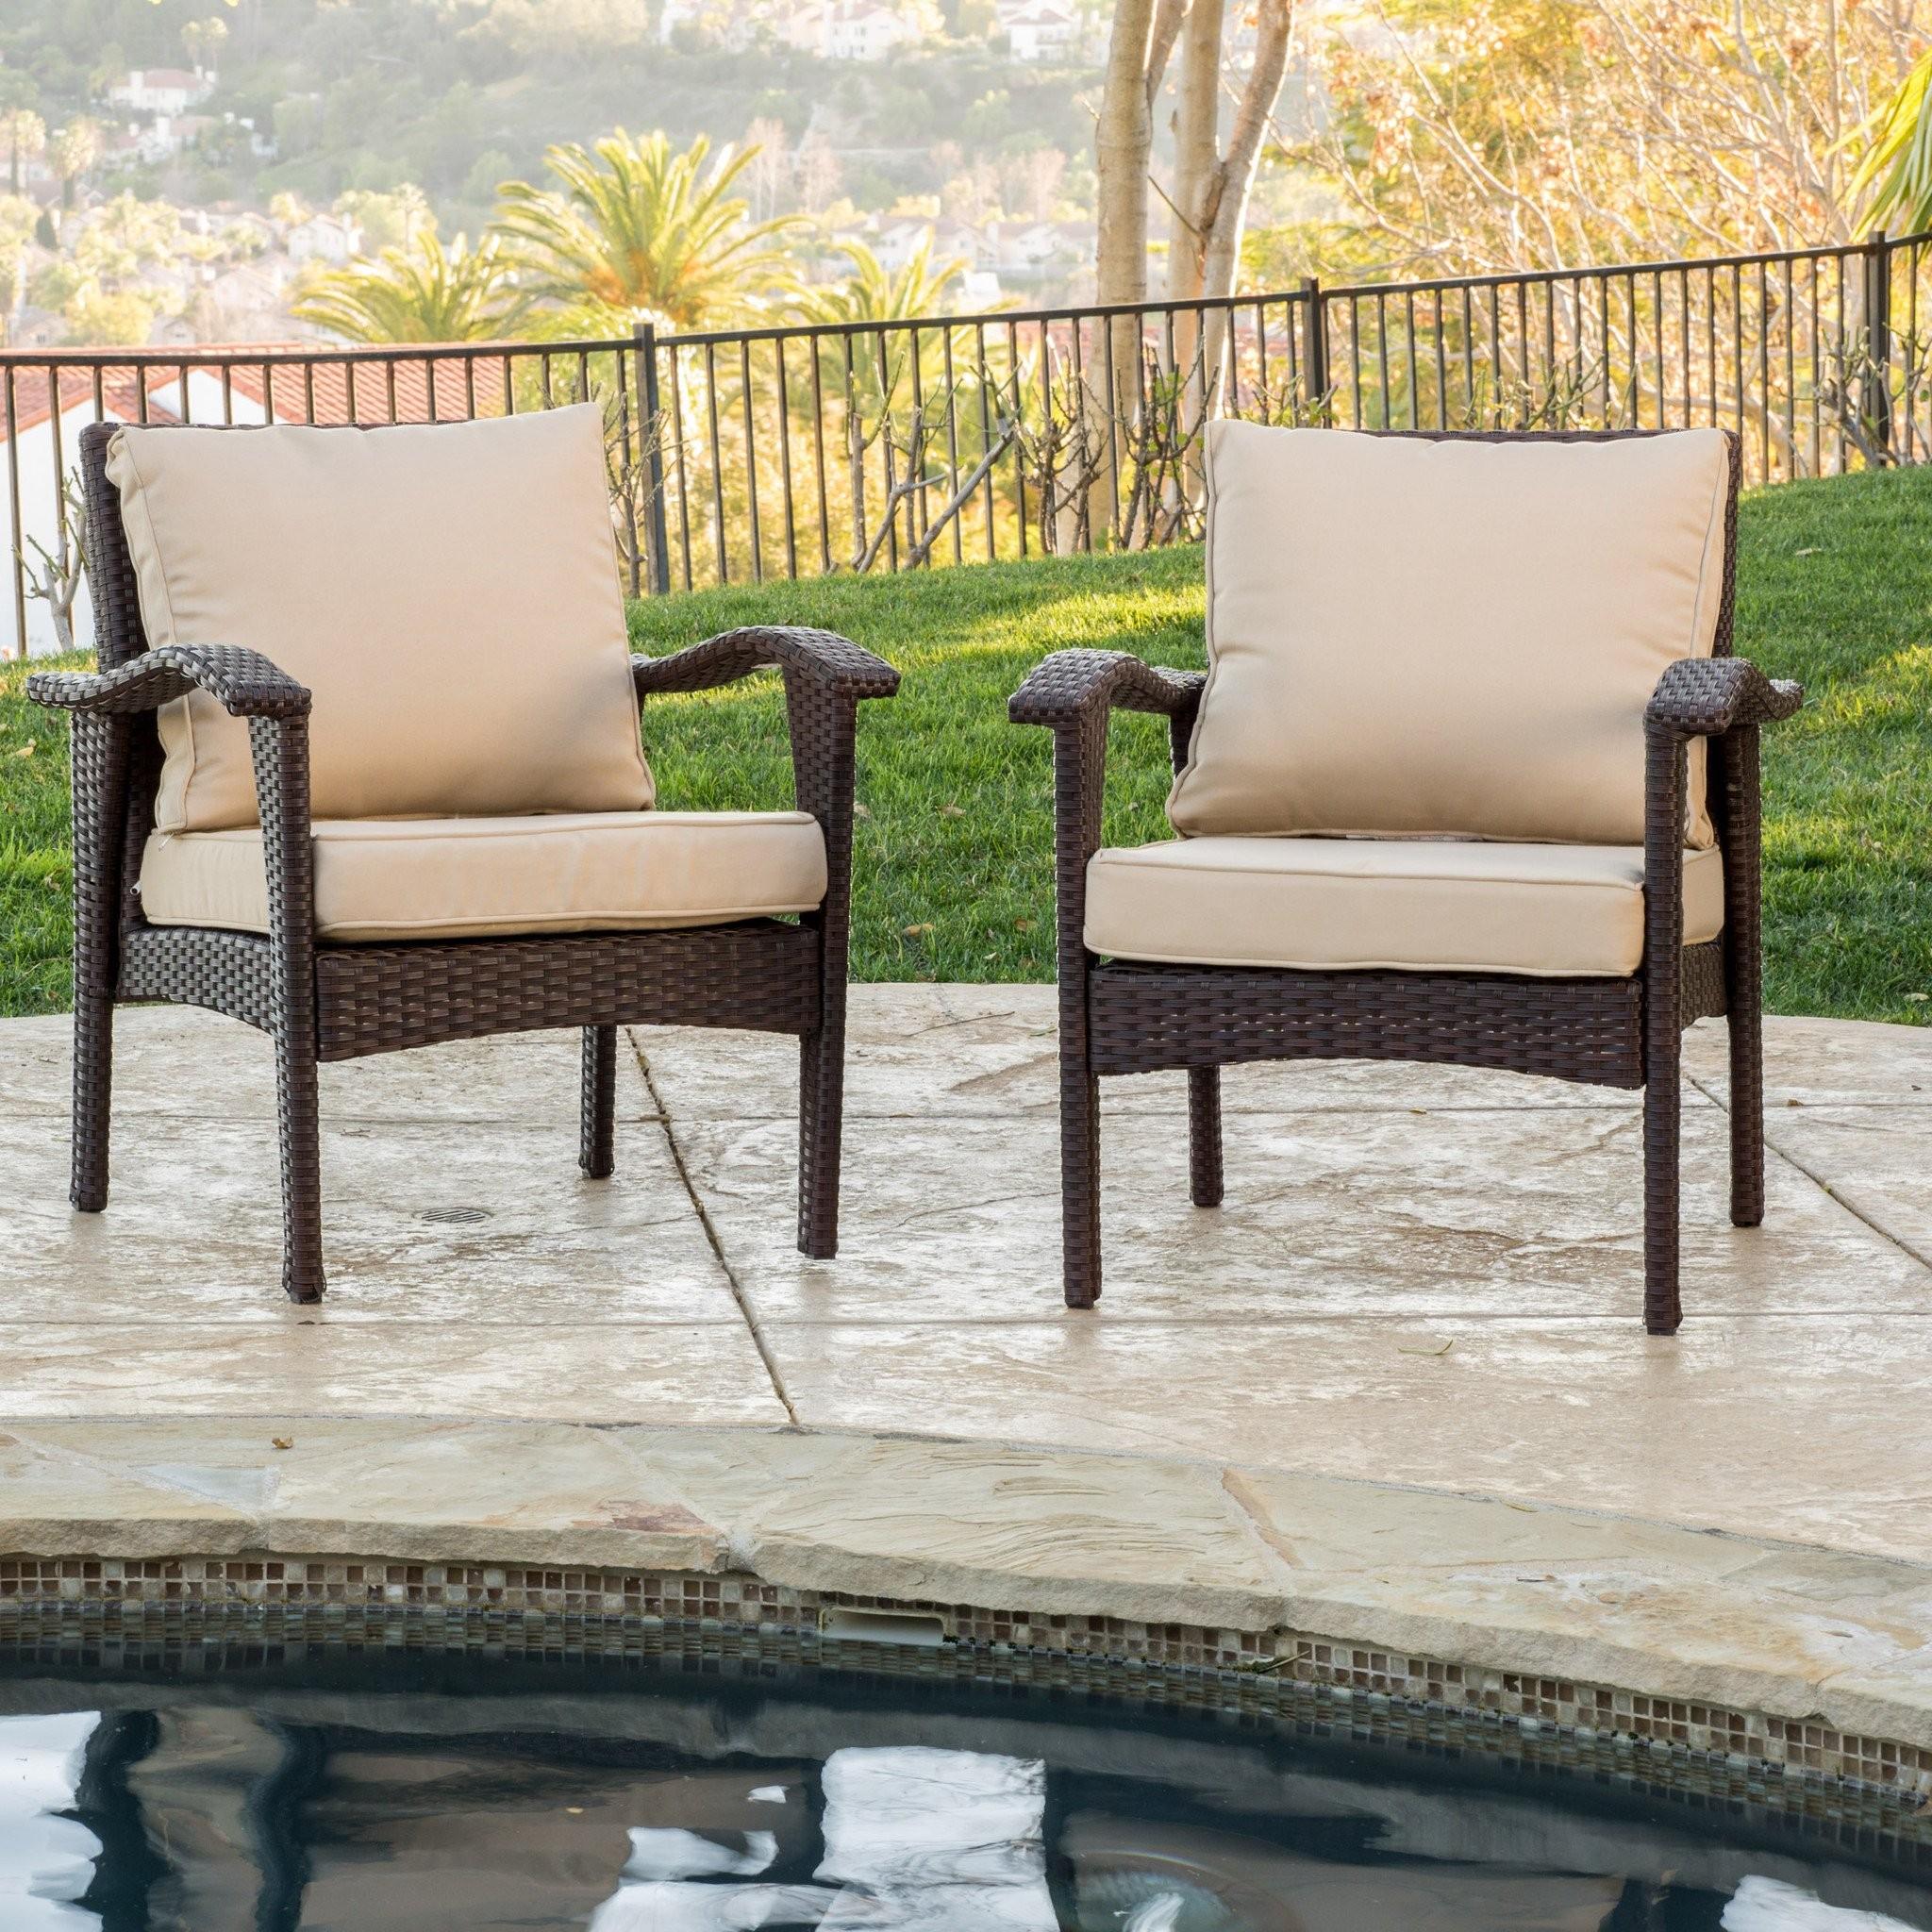 Bleecker Outdoor Brown Wicker Club Chair w/ Cushio...